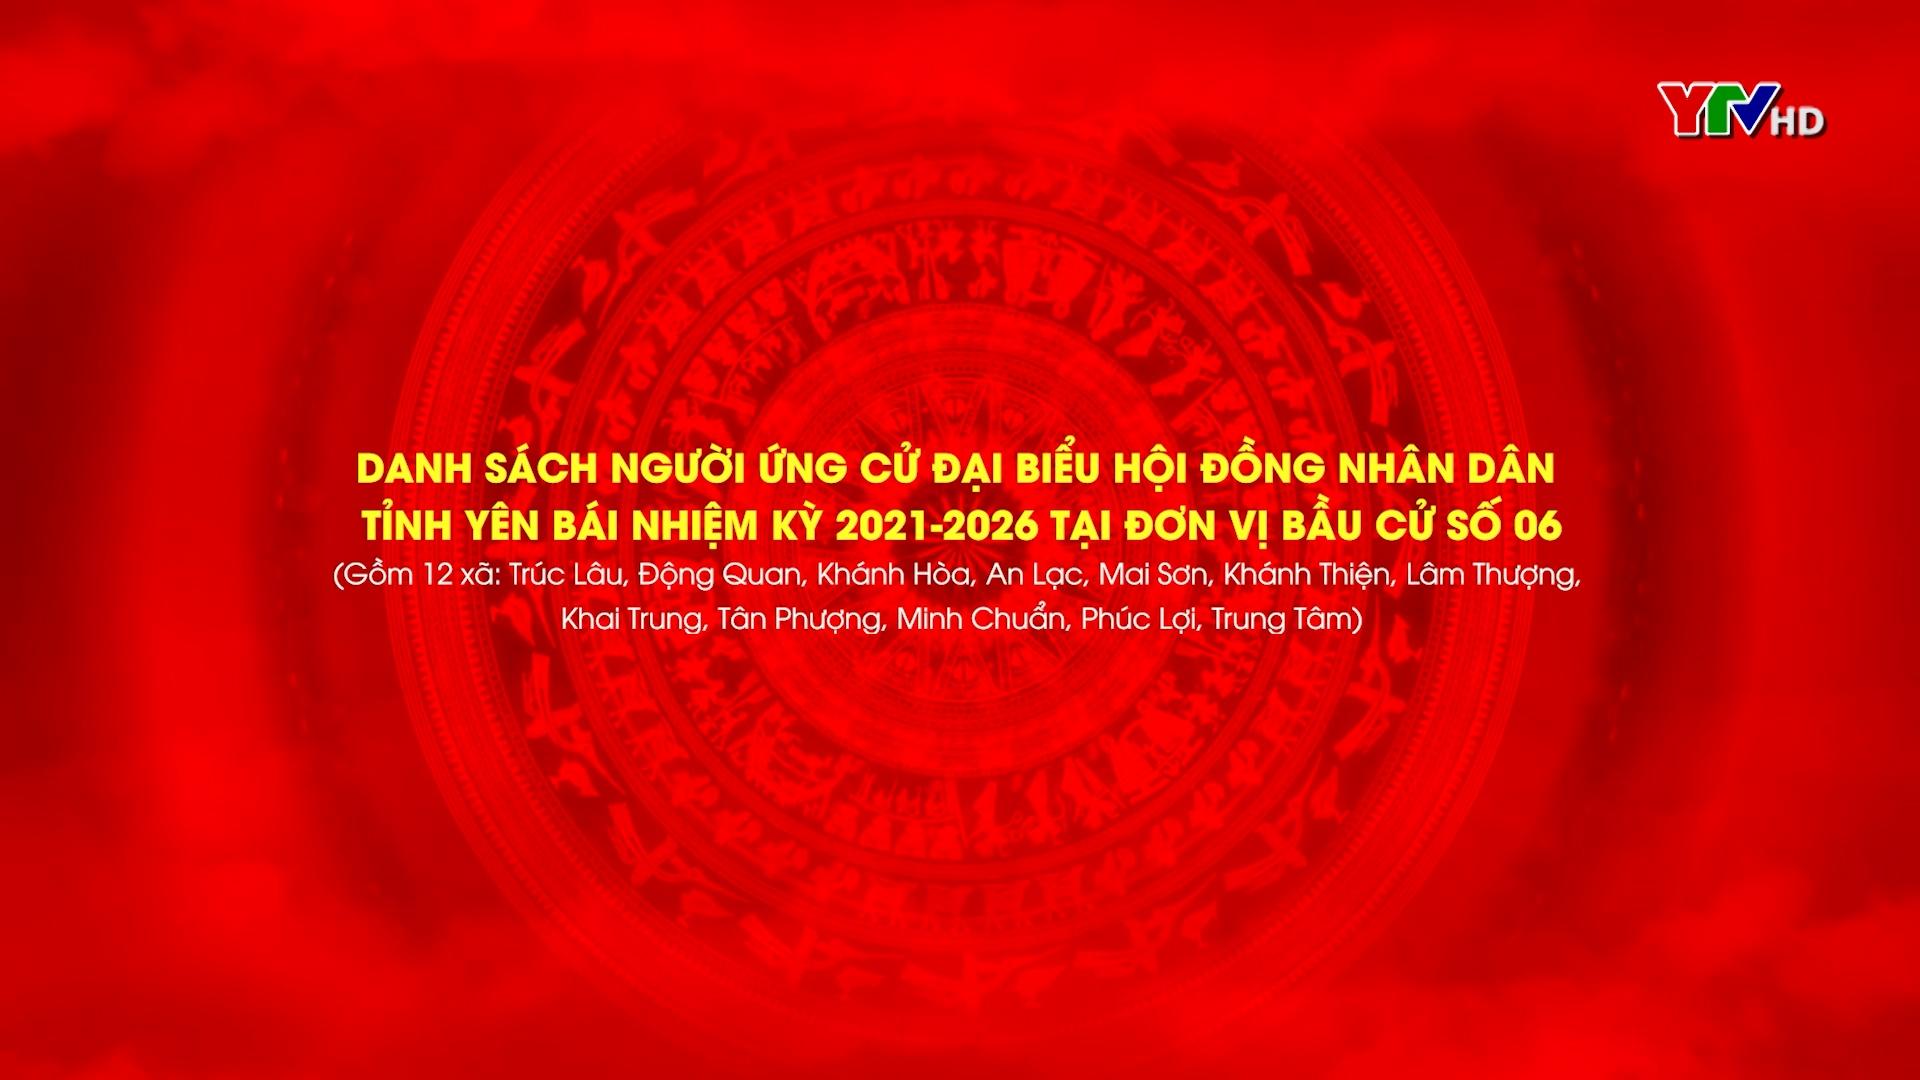 Danh sách các ứng cử viên Đại biểu HĐND tỉnh Yên Bái khóa XIX, nhiệm kỳ 2021 - 2026  ( Từ Đơn vị Bầu cử số 6 đến Đơn vị bầu cử số 10)